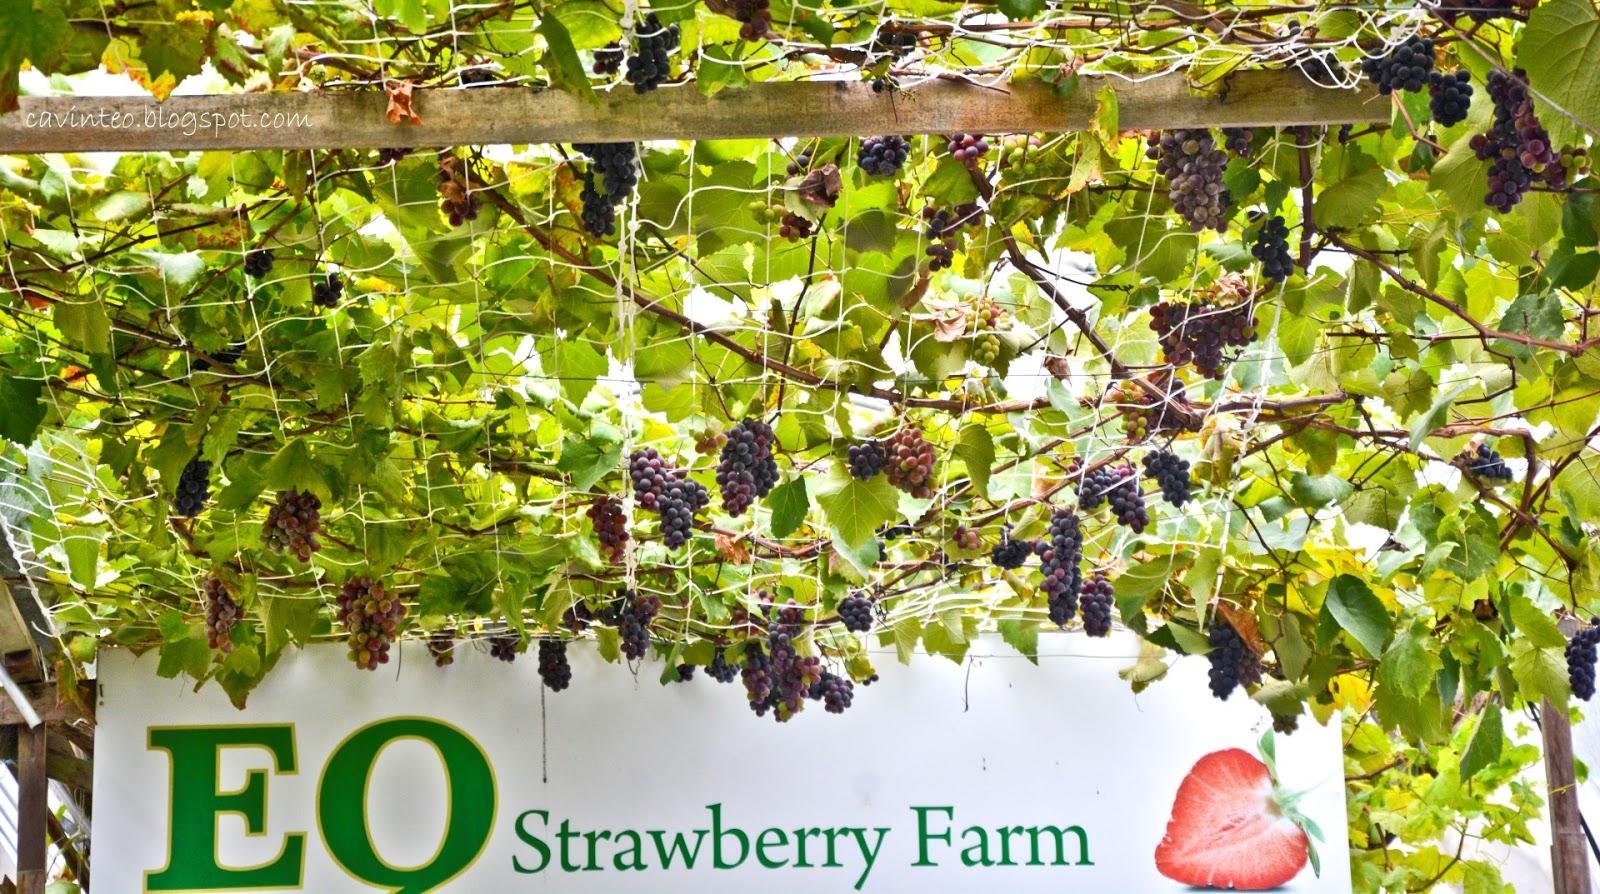 Entree Kibbles: EQ Strawberry Farm near Copthorne Hotel @ Cameron